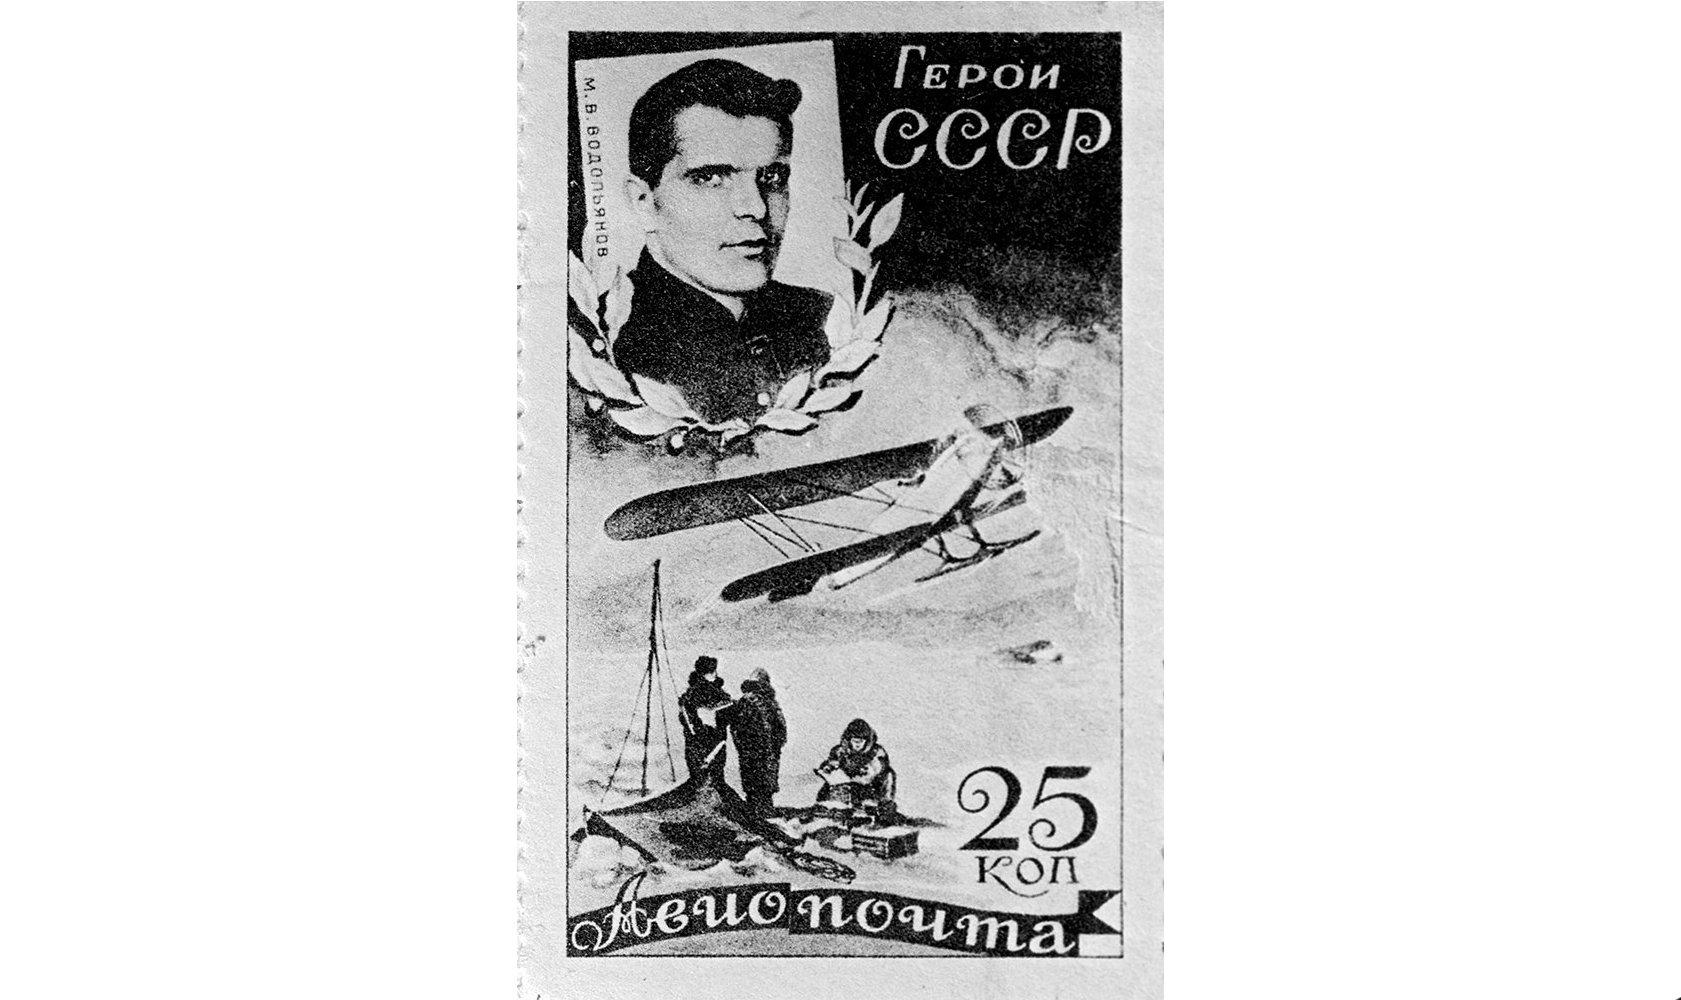 Советская почтовая марка 1935 года с портретом Героя Советского Союза лётчика Михаила Водопьянова